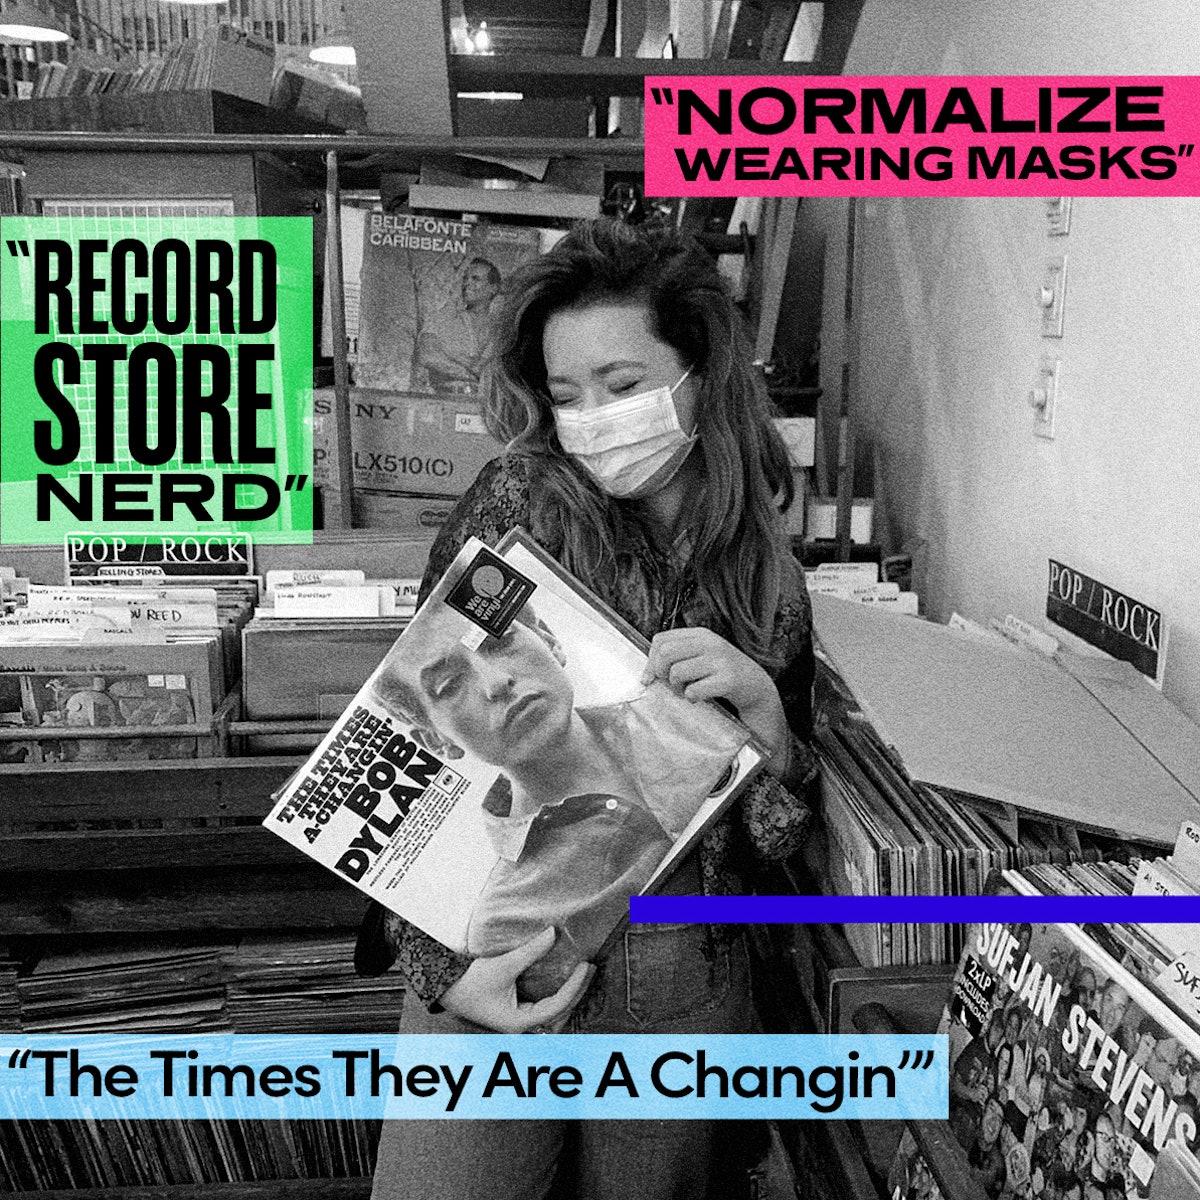 Jade Pettyjohn in a record shop